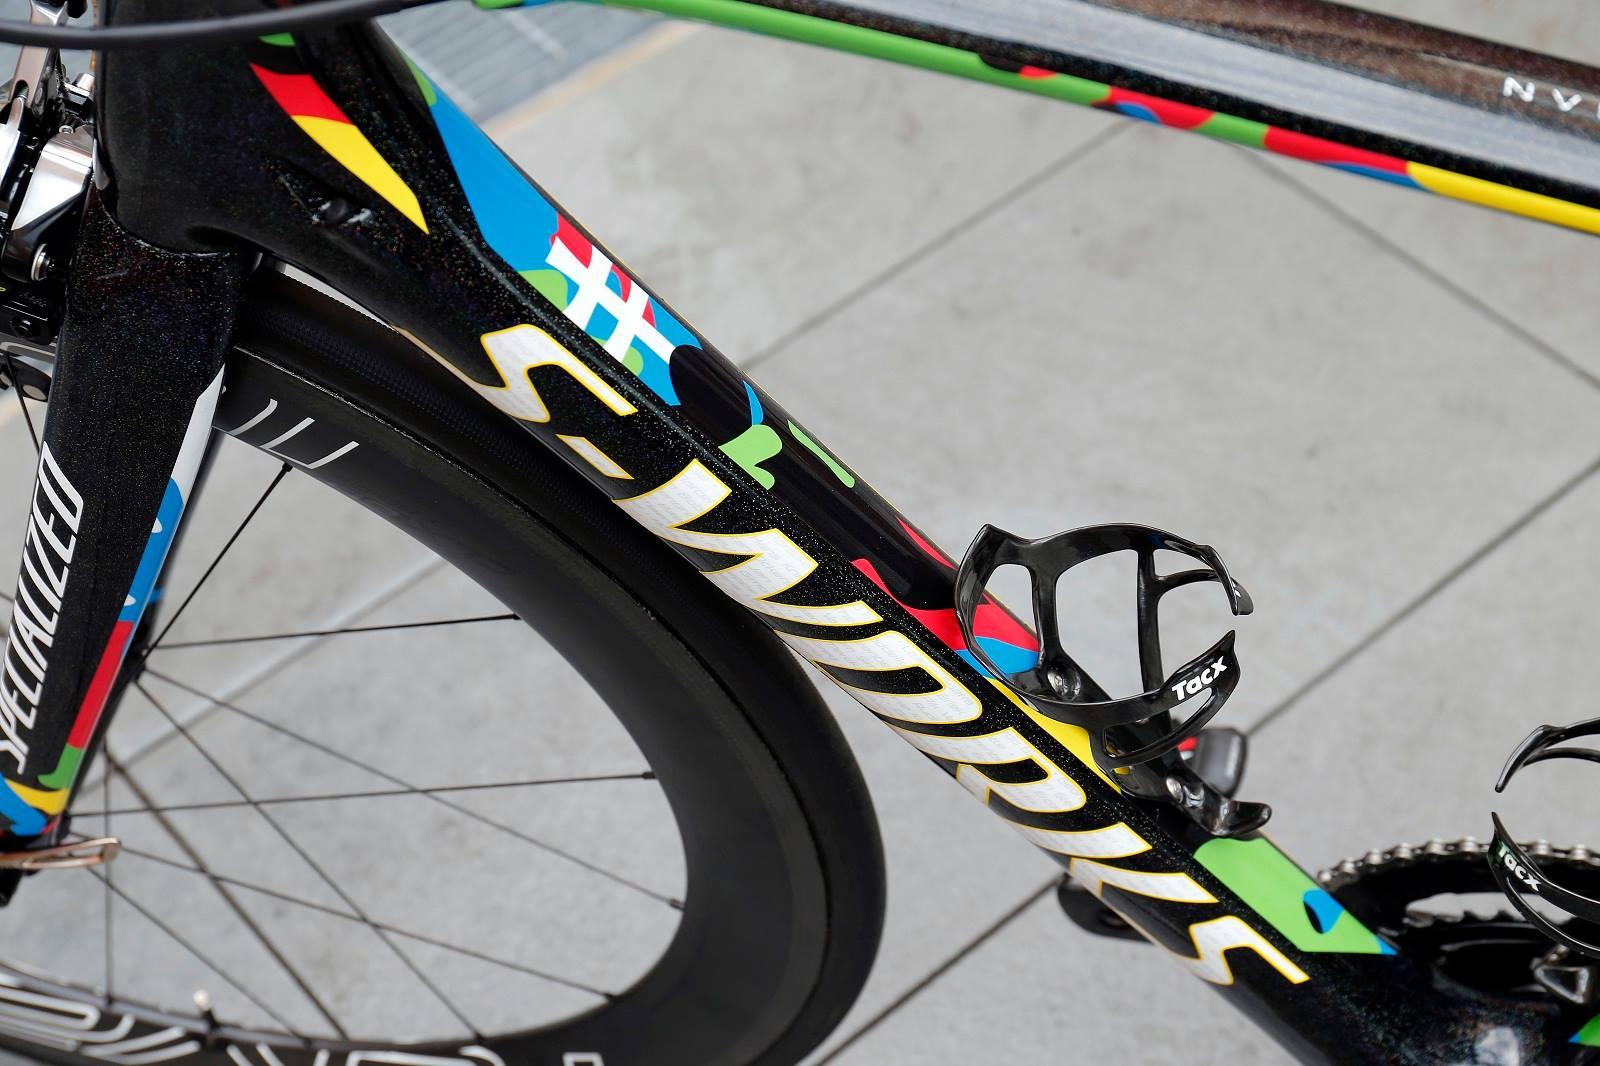 http://cycleshop-fun.com/images/SAGAN5.jpg